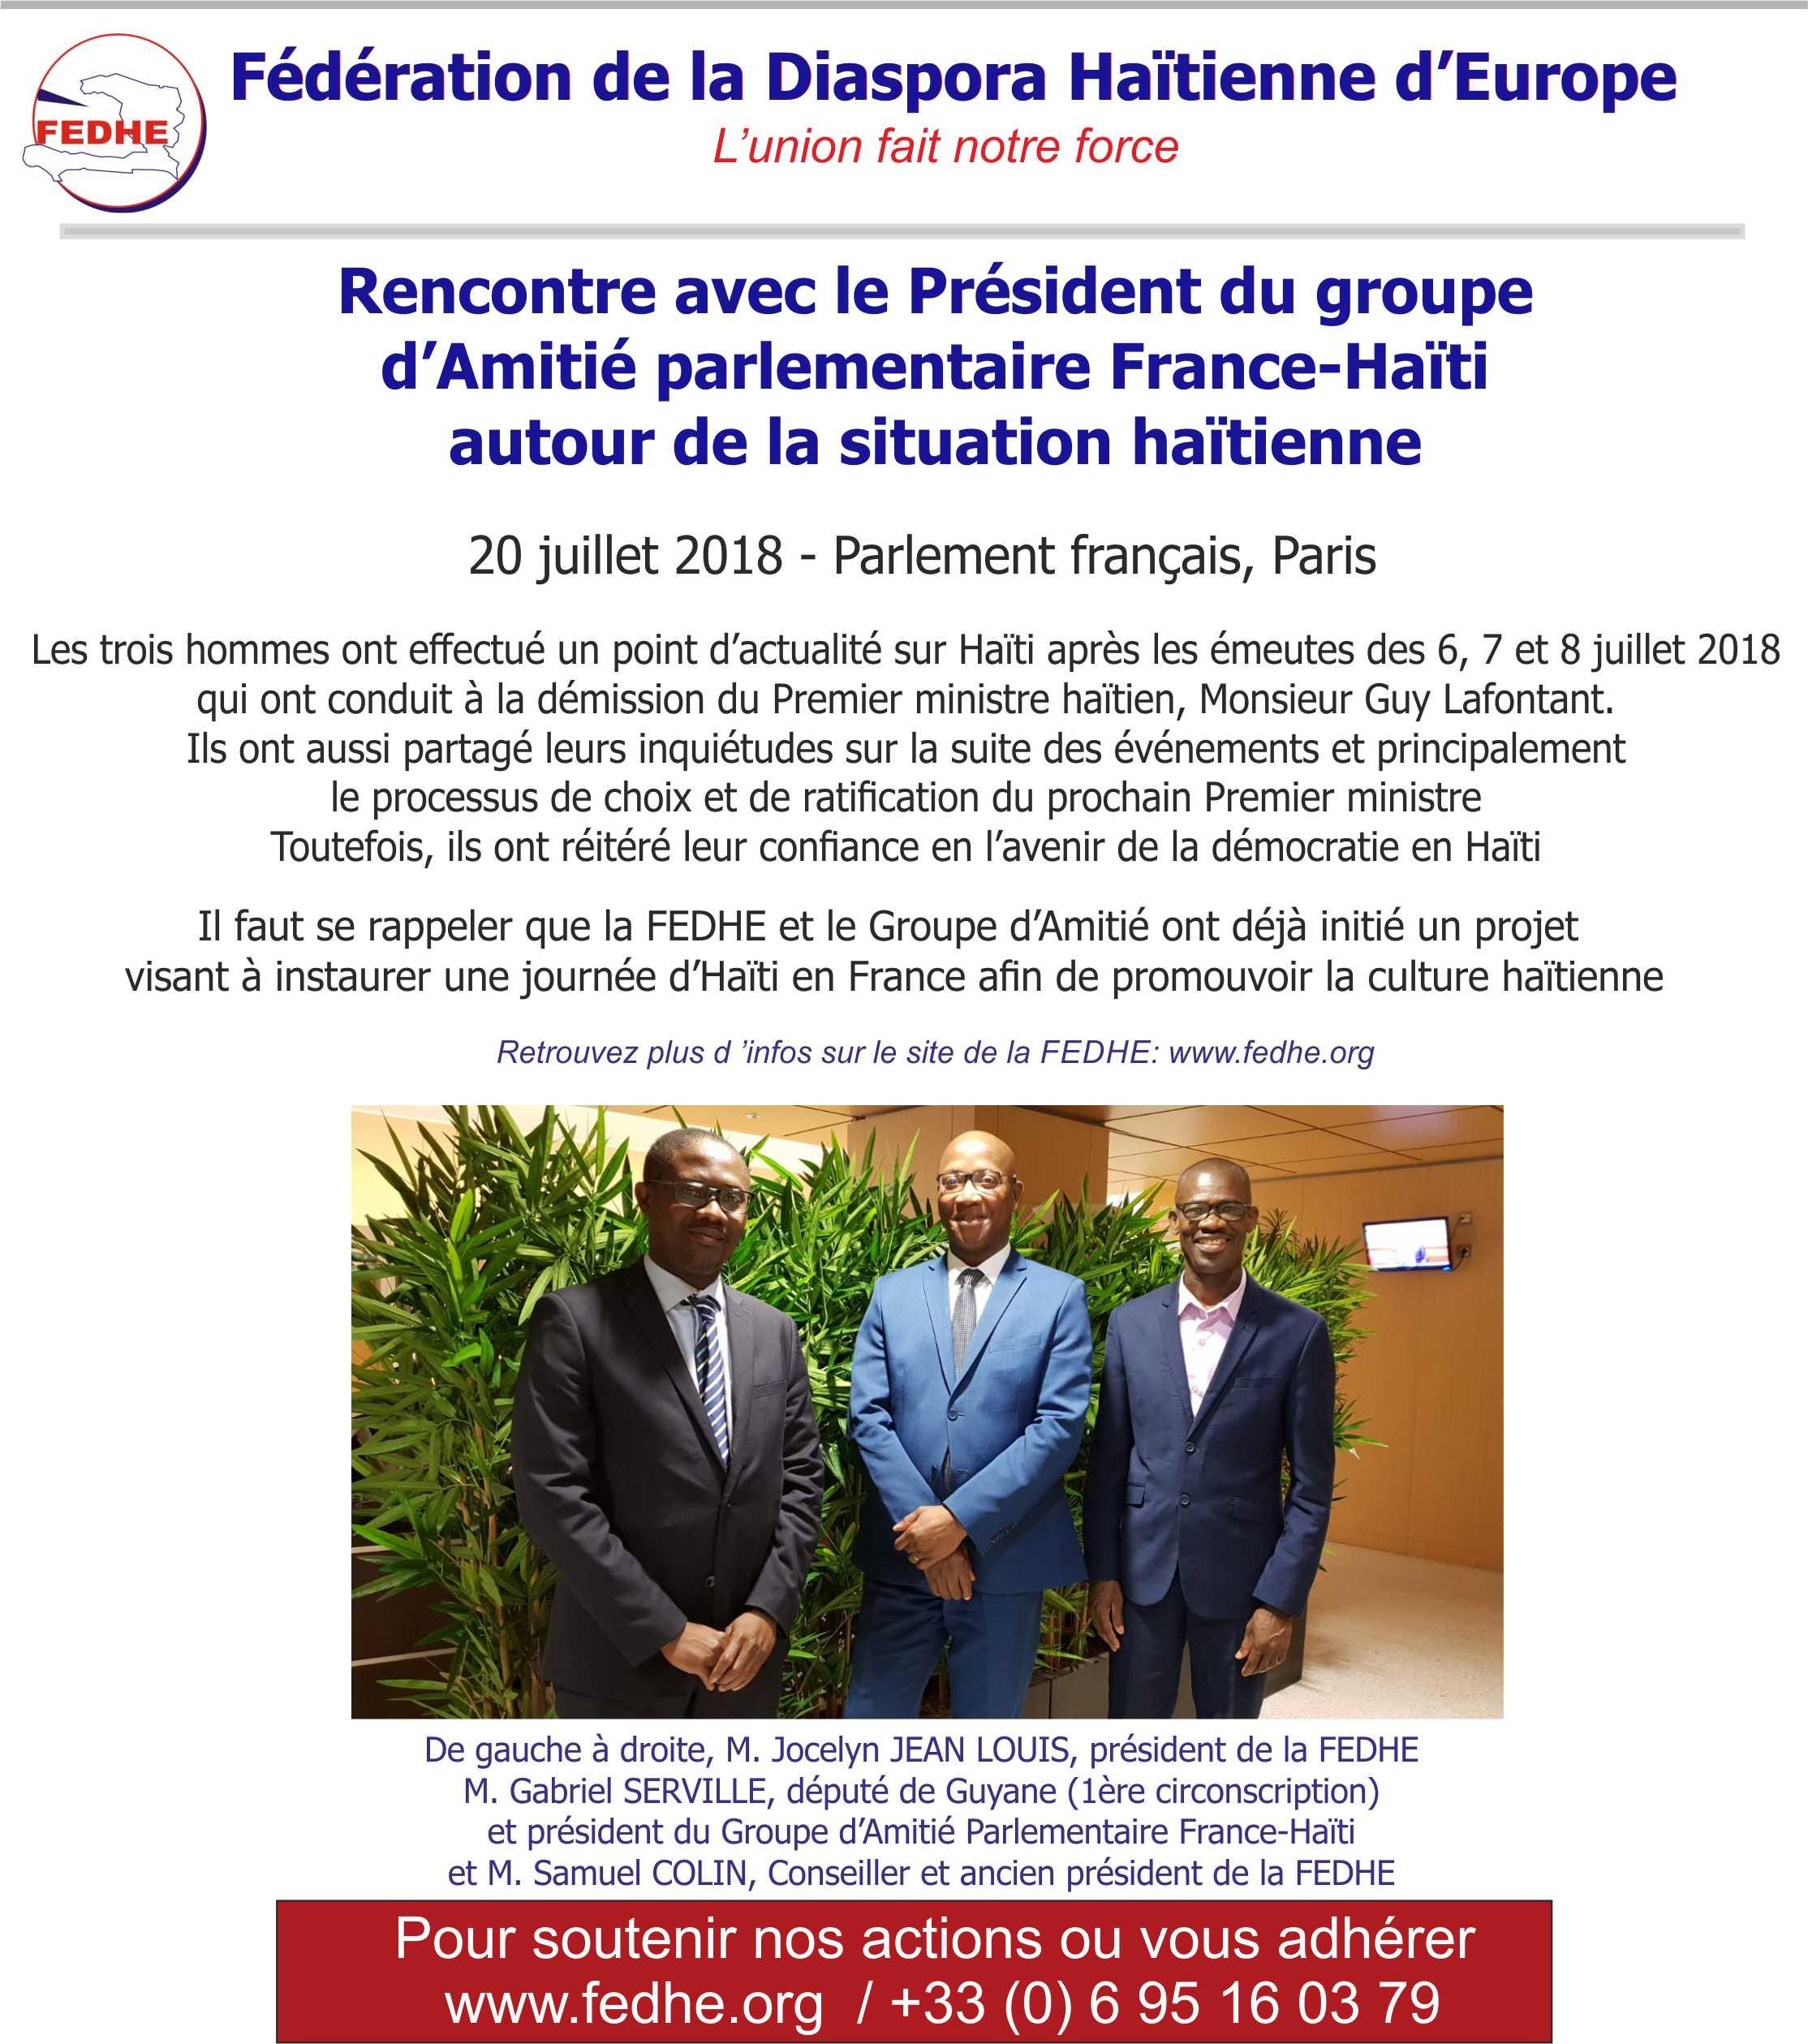 site de rencontre pour haitien)